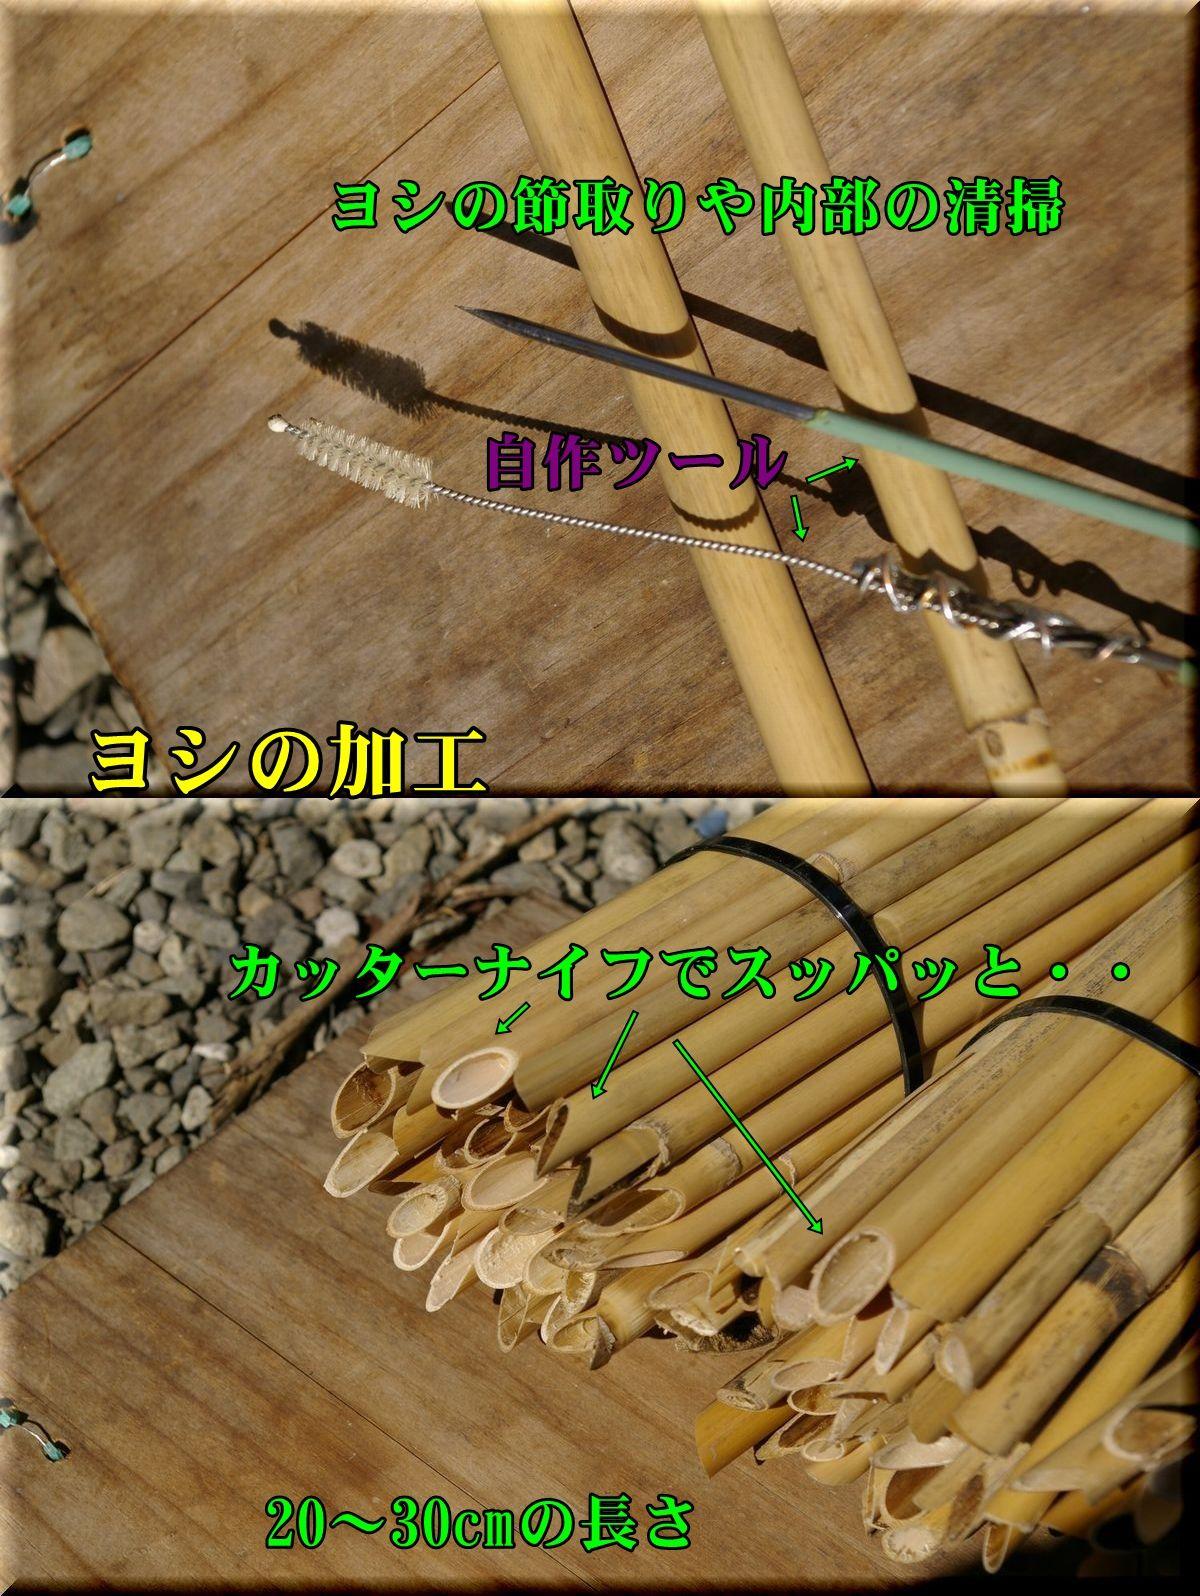 1yosi160221_014.jpg